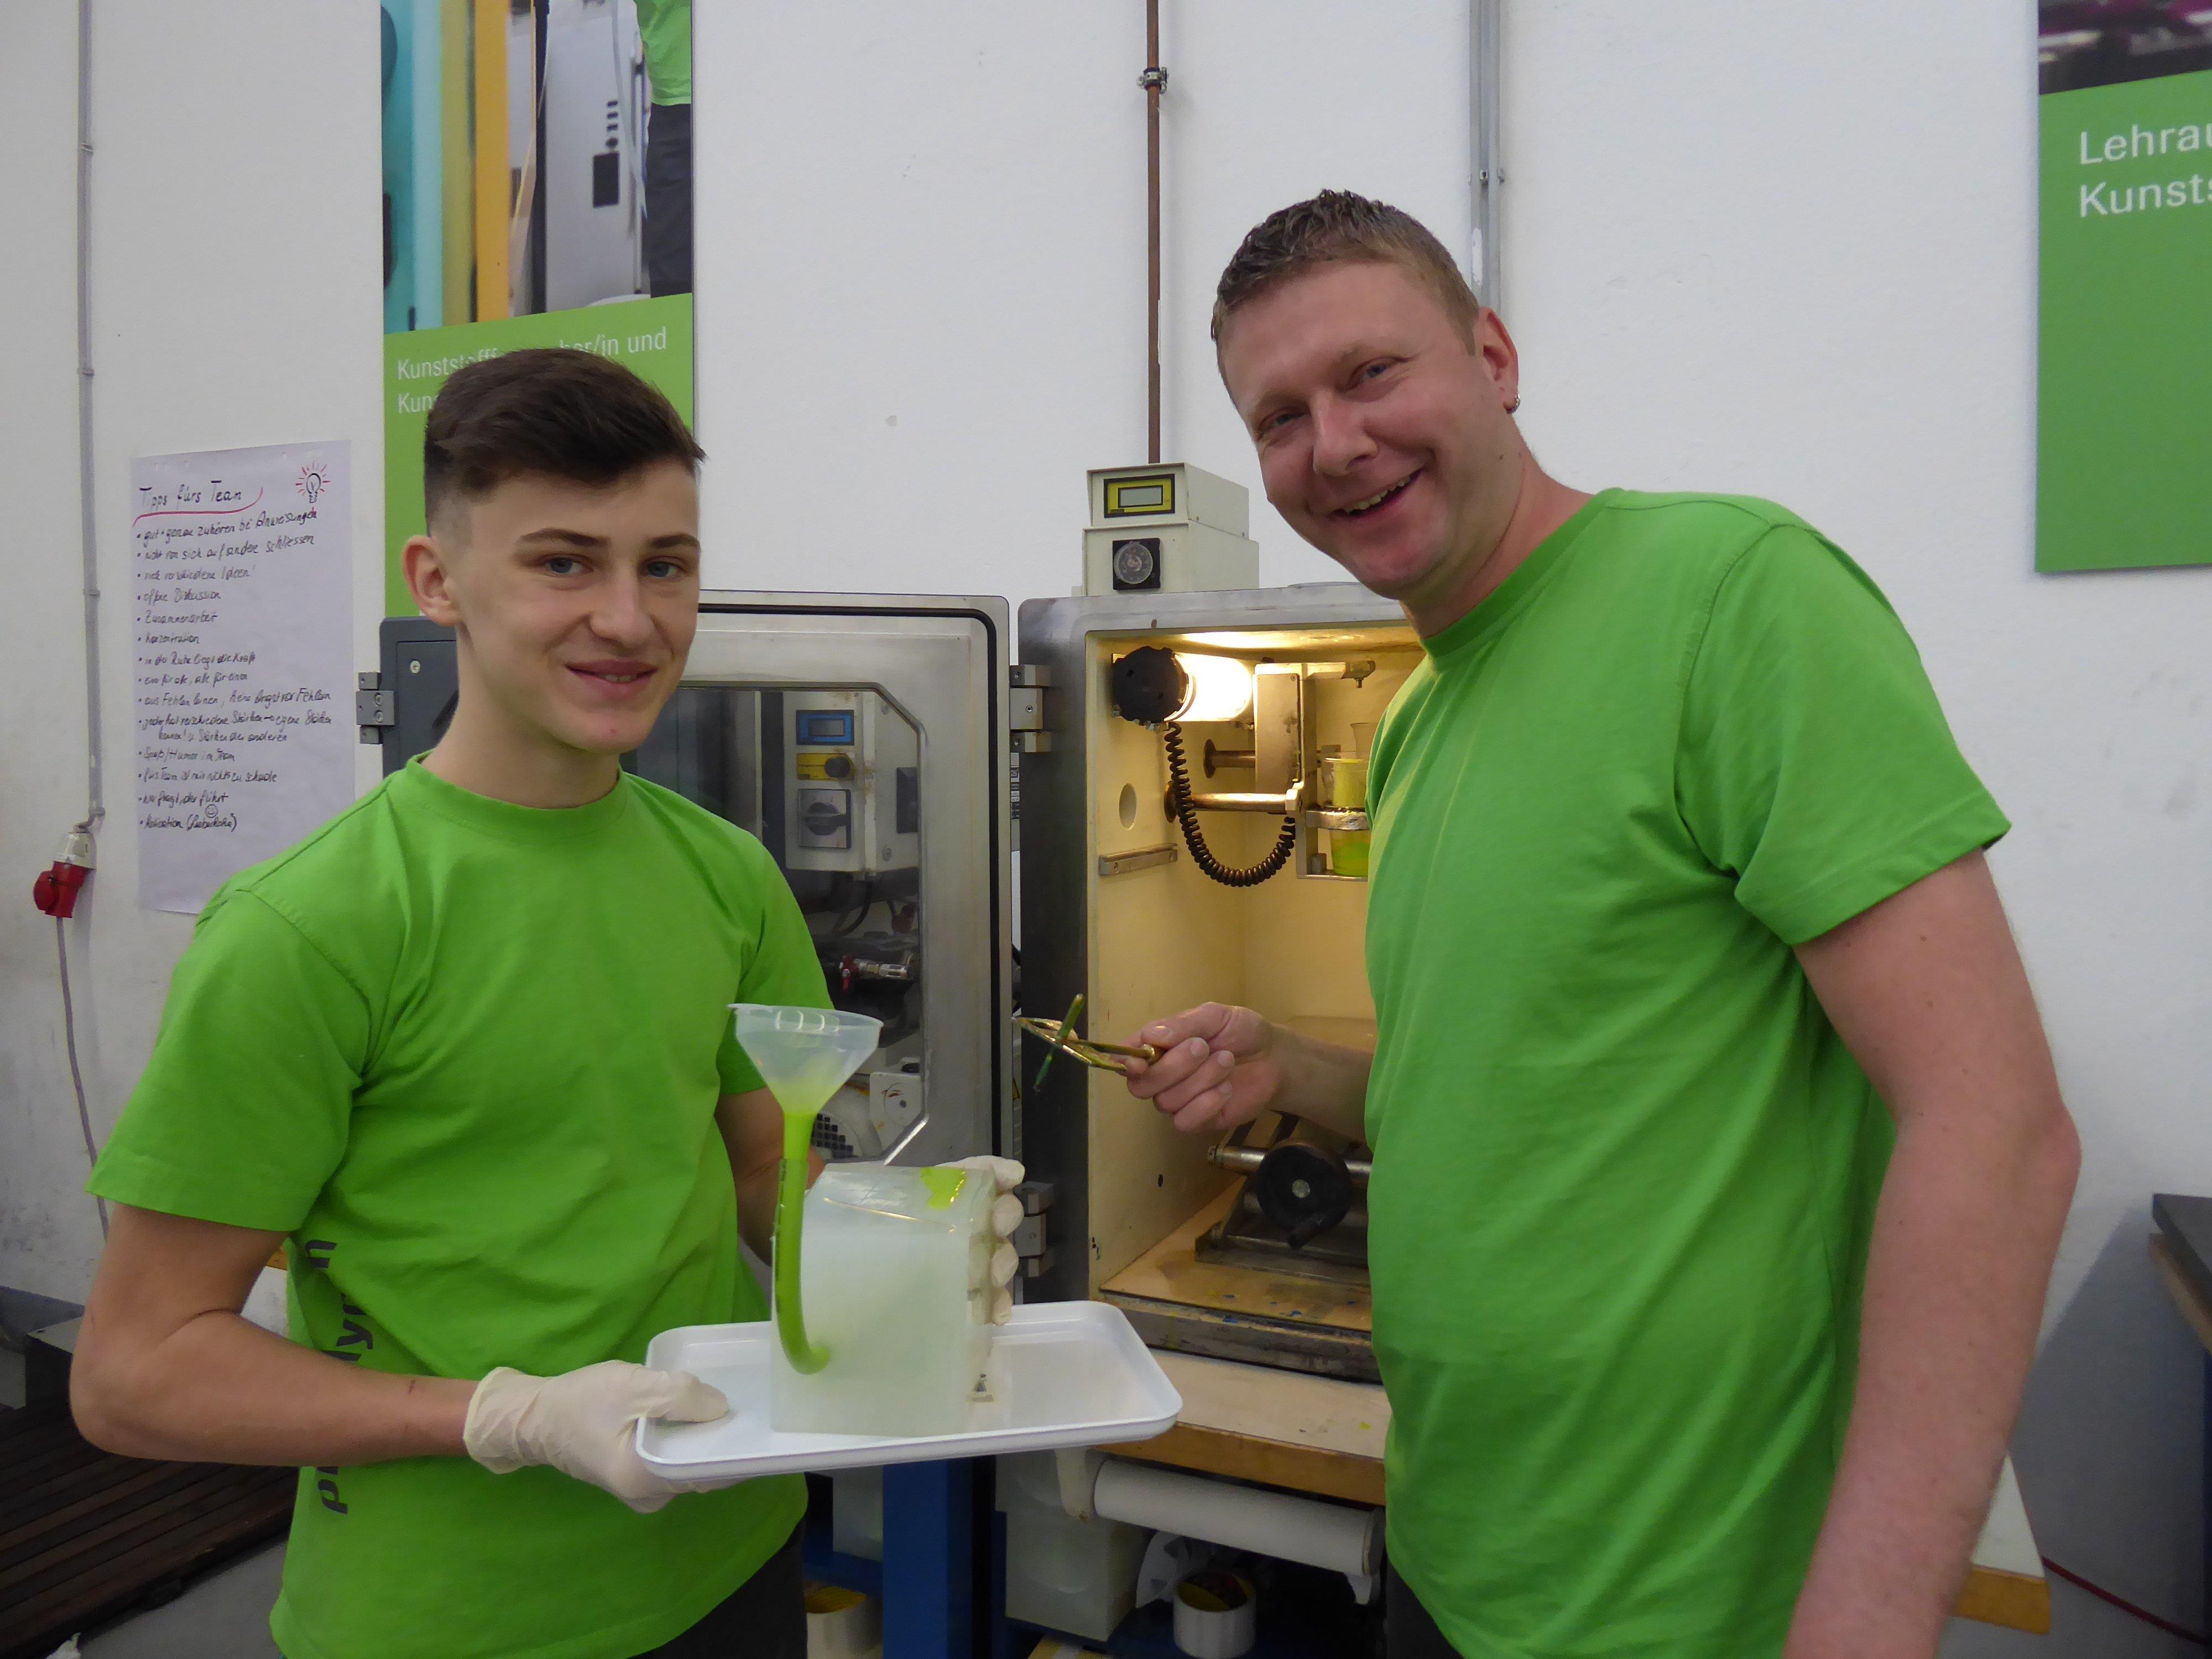 Luks Kohler lernt von seinem Ausbildner Daniel Schäffler die Geheimnisse des Kunststoffs